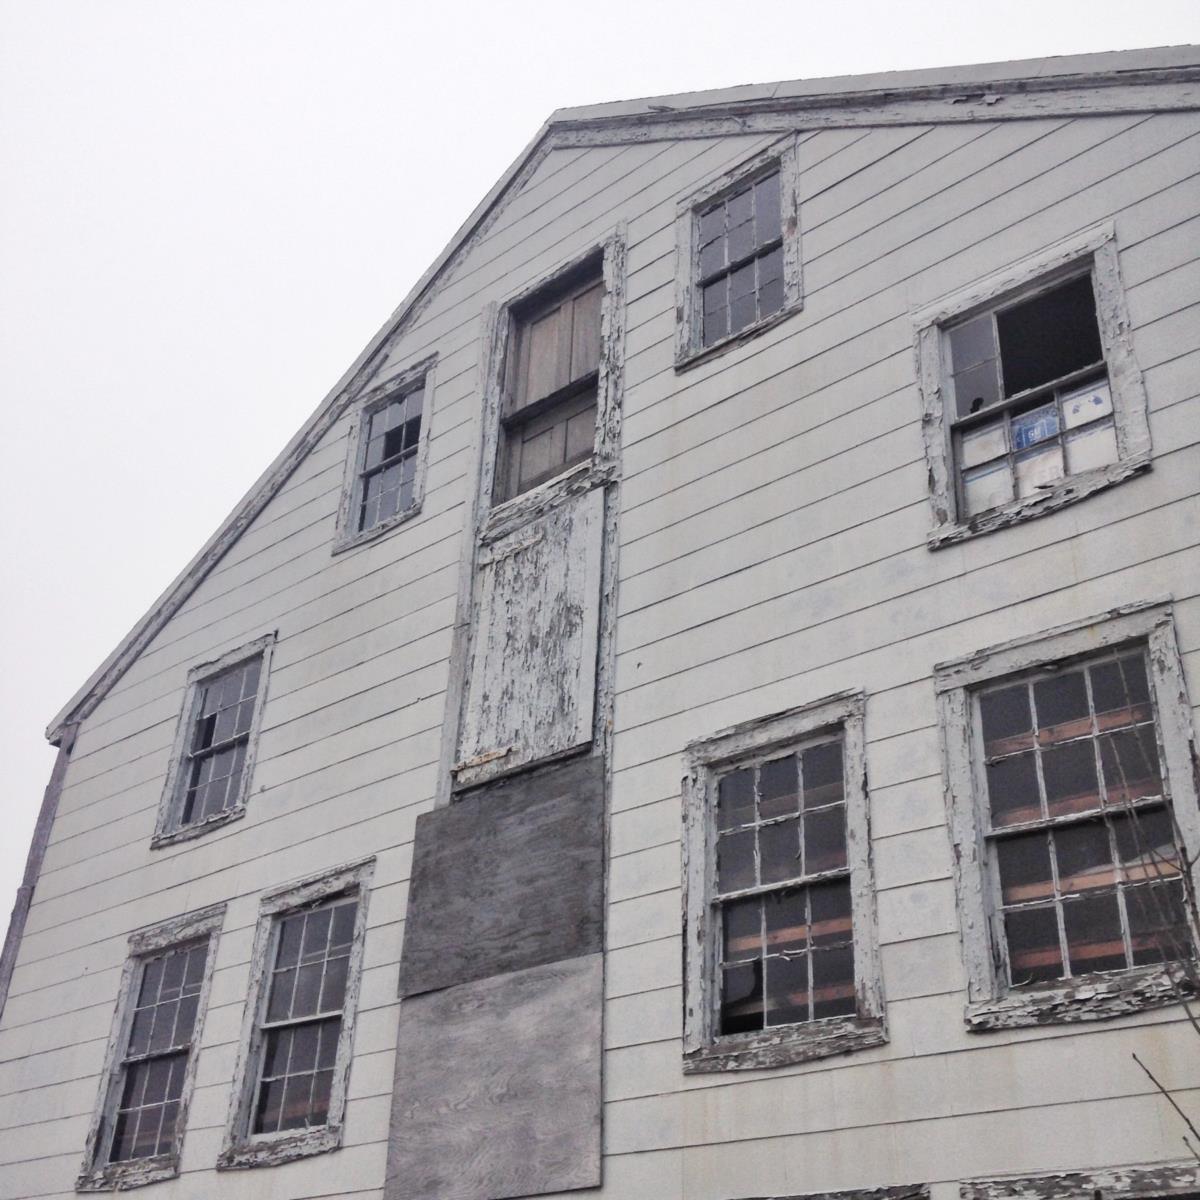 New Bedford é uma cidade esquecida mas os mais optimistas vêem sinais d emudança com a abertura de um novo hotel junto ao porto e  ruas e edifícios no centro da cidade a serem renovados